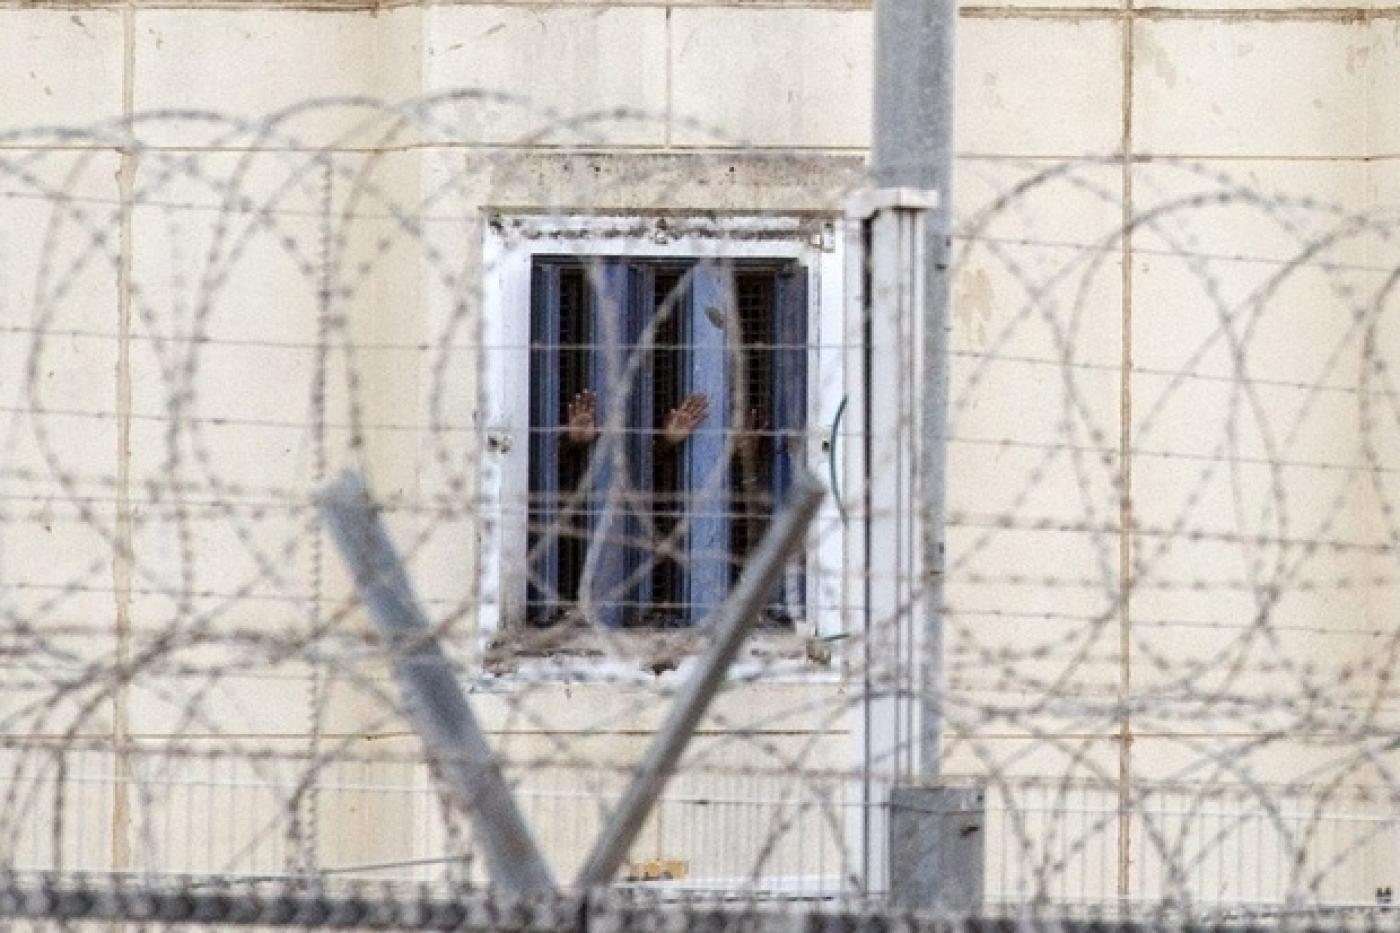 دعوة لتحرك دولى عاجل للافراج عن الأسري الفلسطينيين